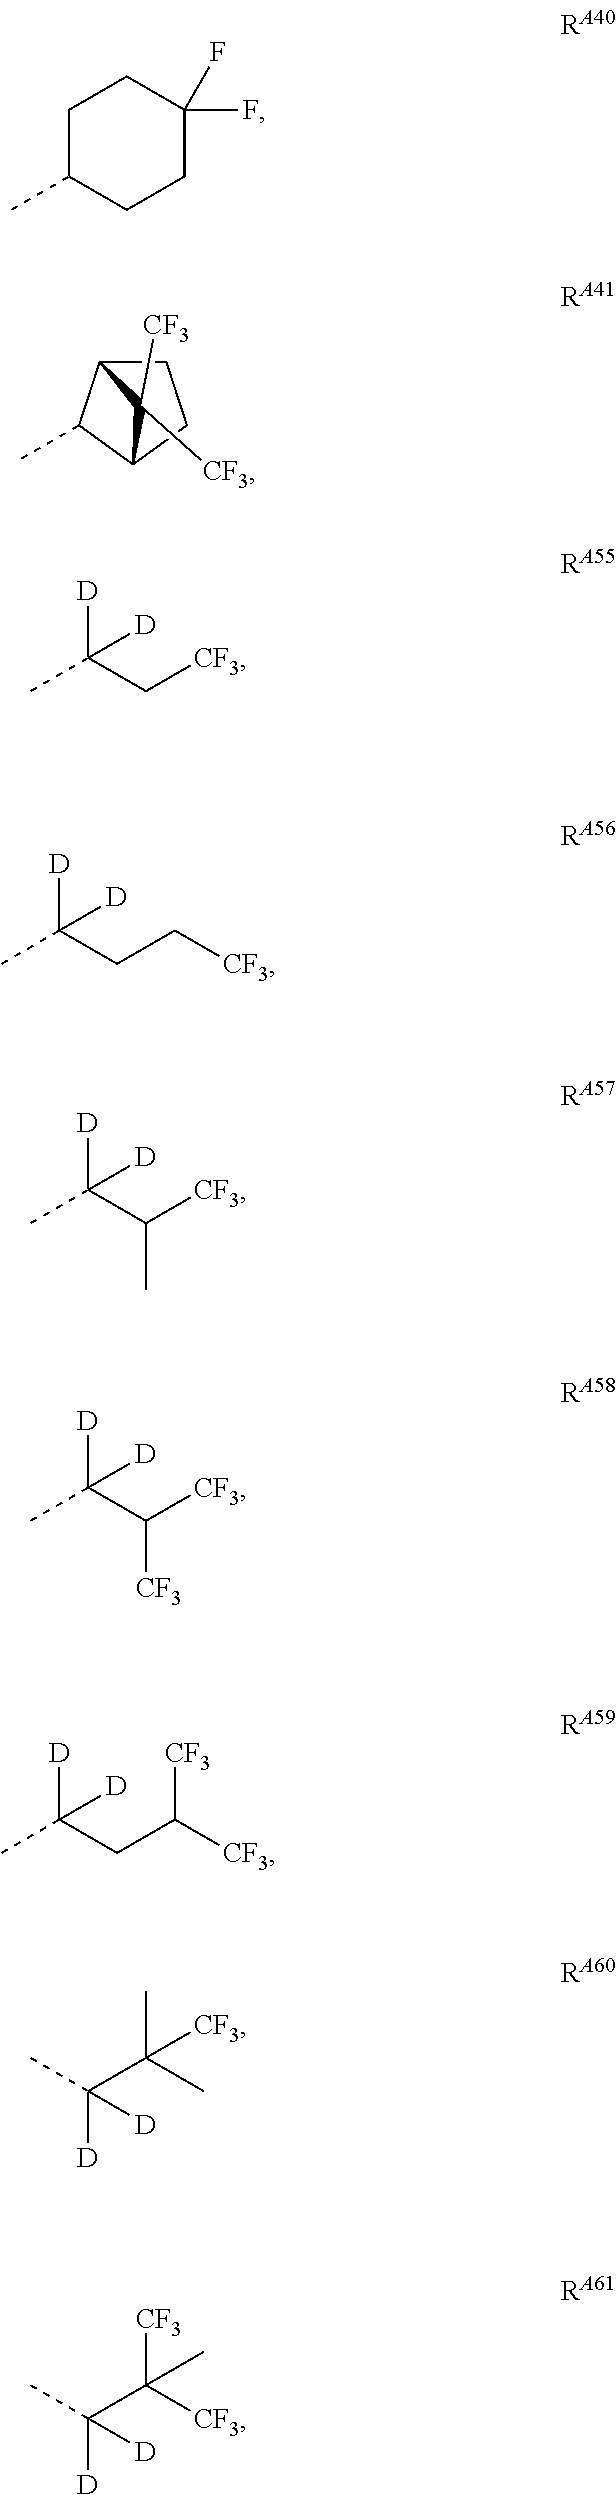 Figure US09859510-20180102-C00140